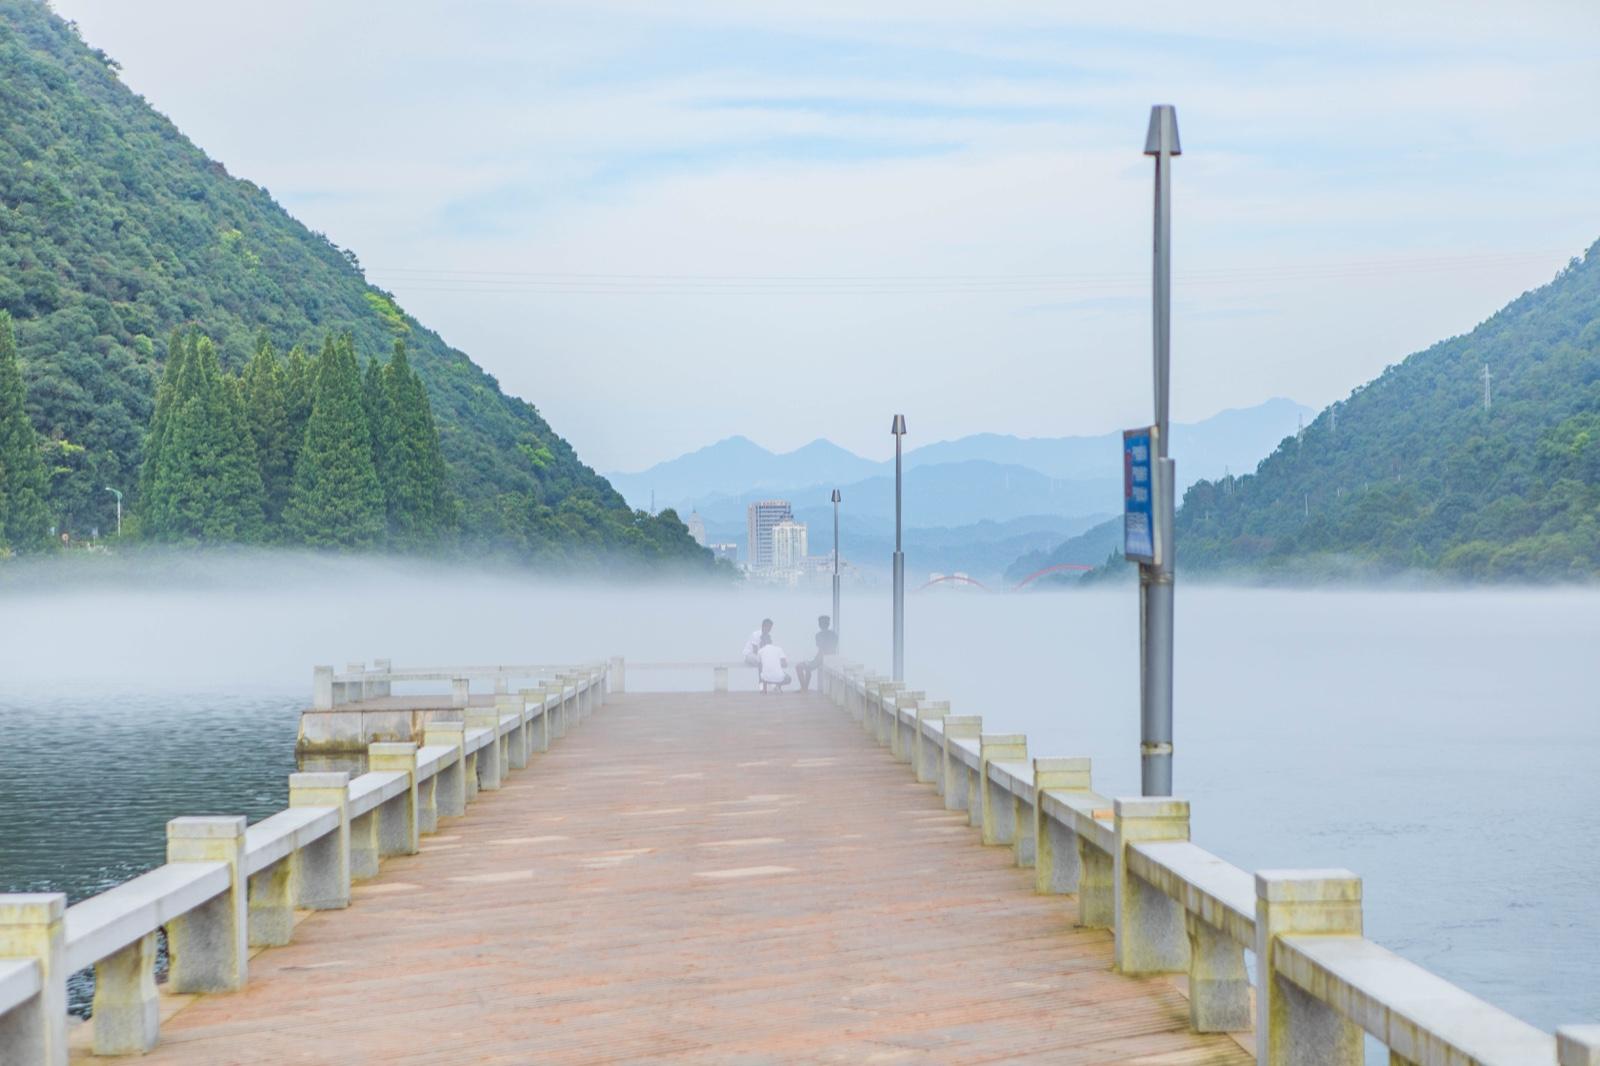 【我和祖国合影】17℃的夏天,赴一场与建德的清凉之约,尝一口山泉水